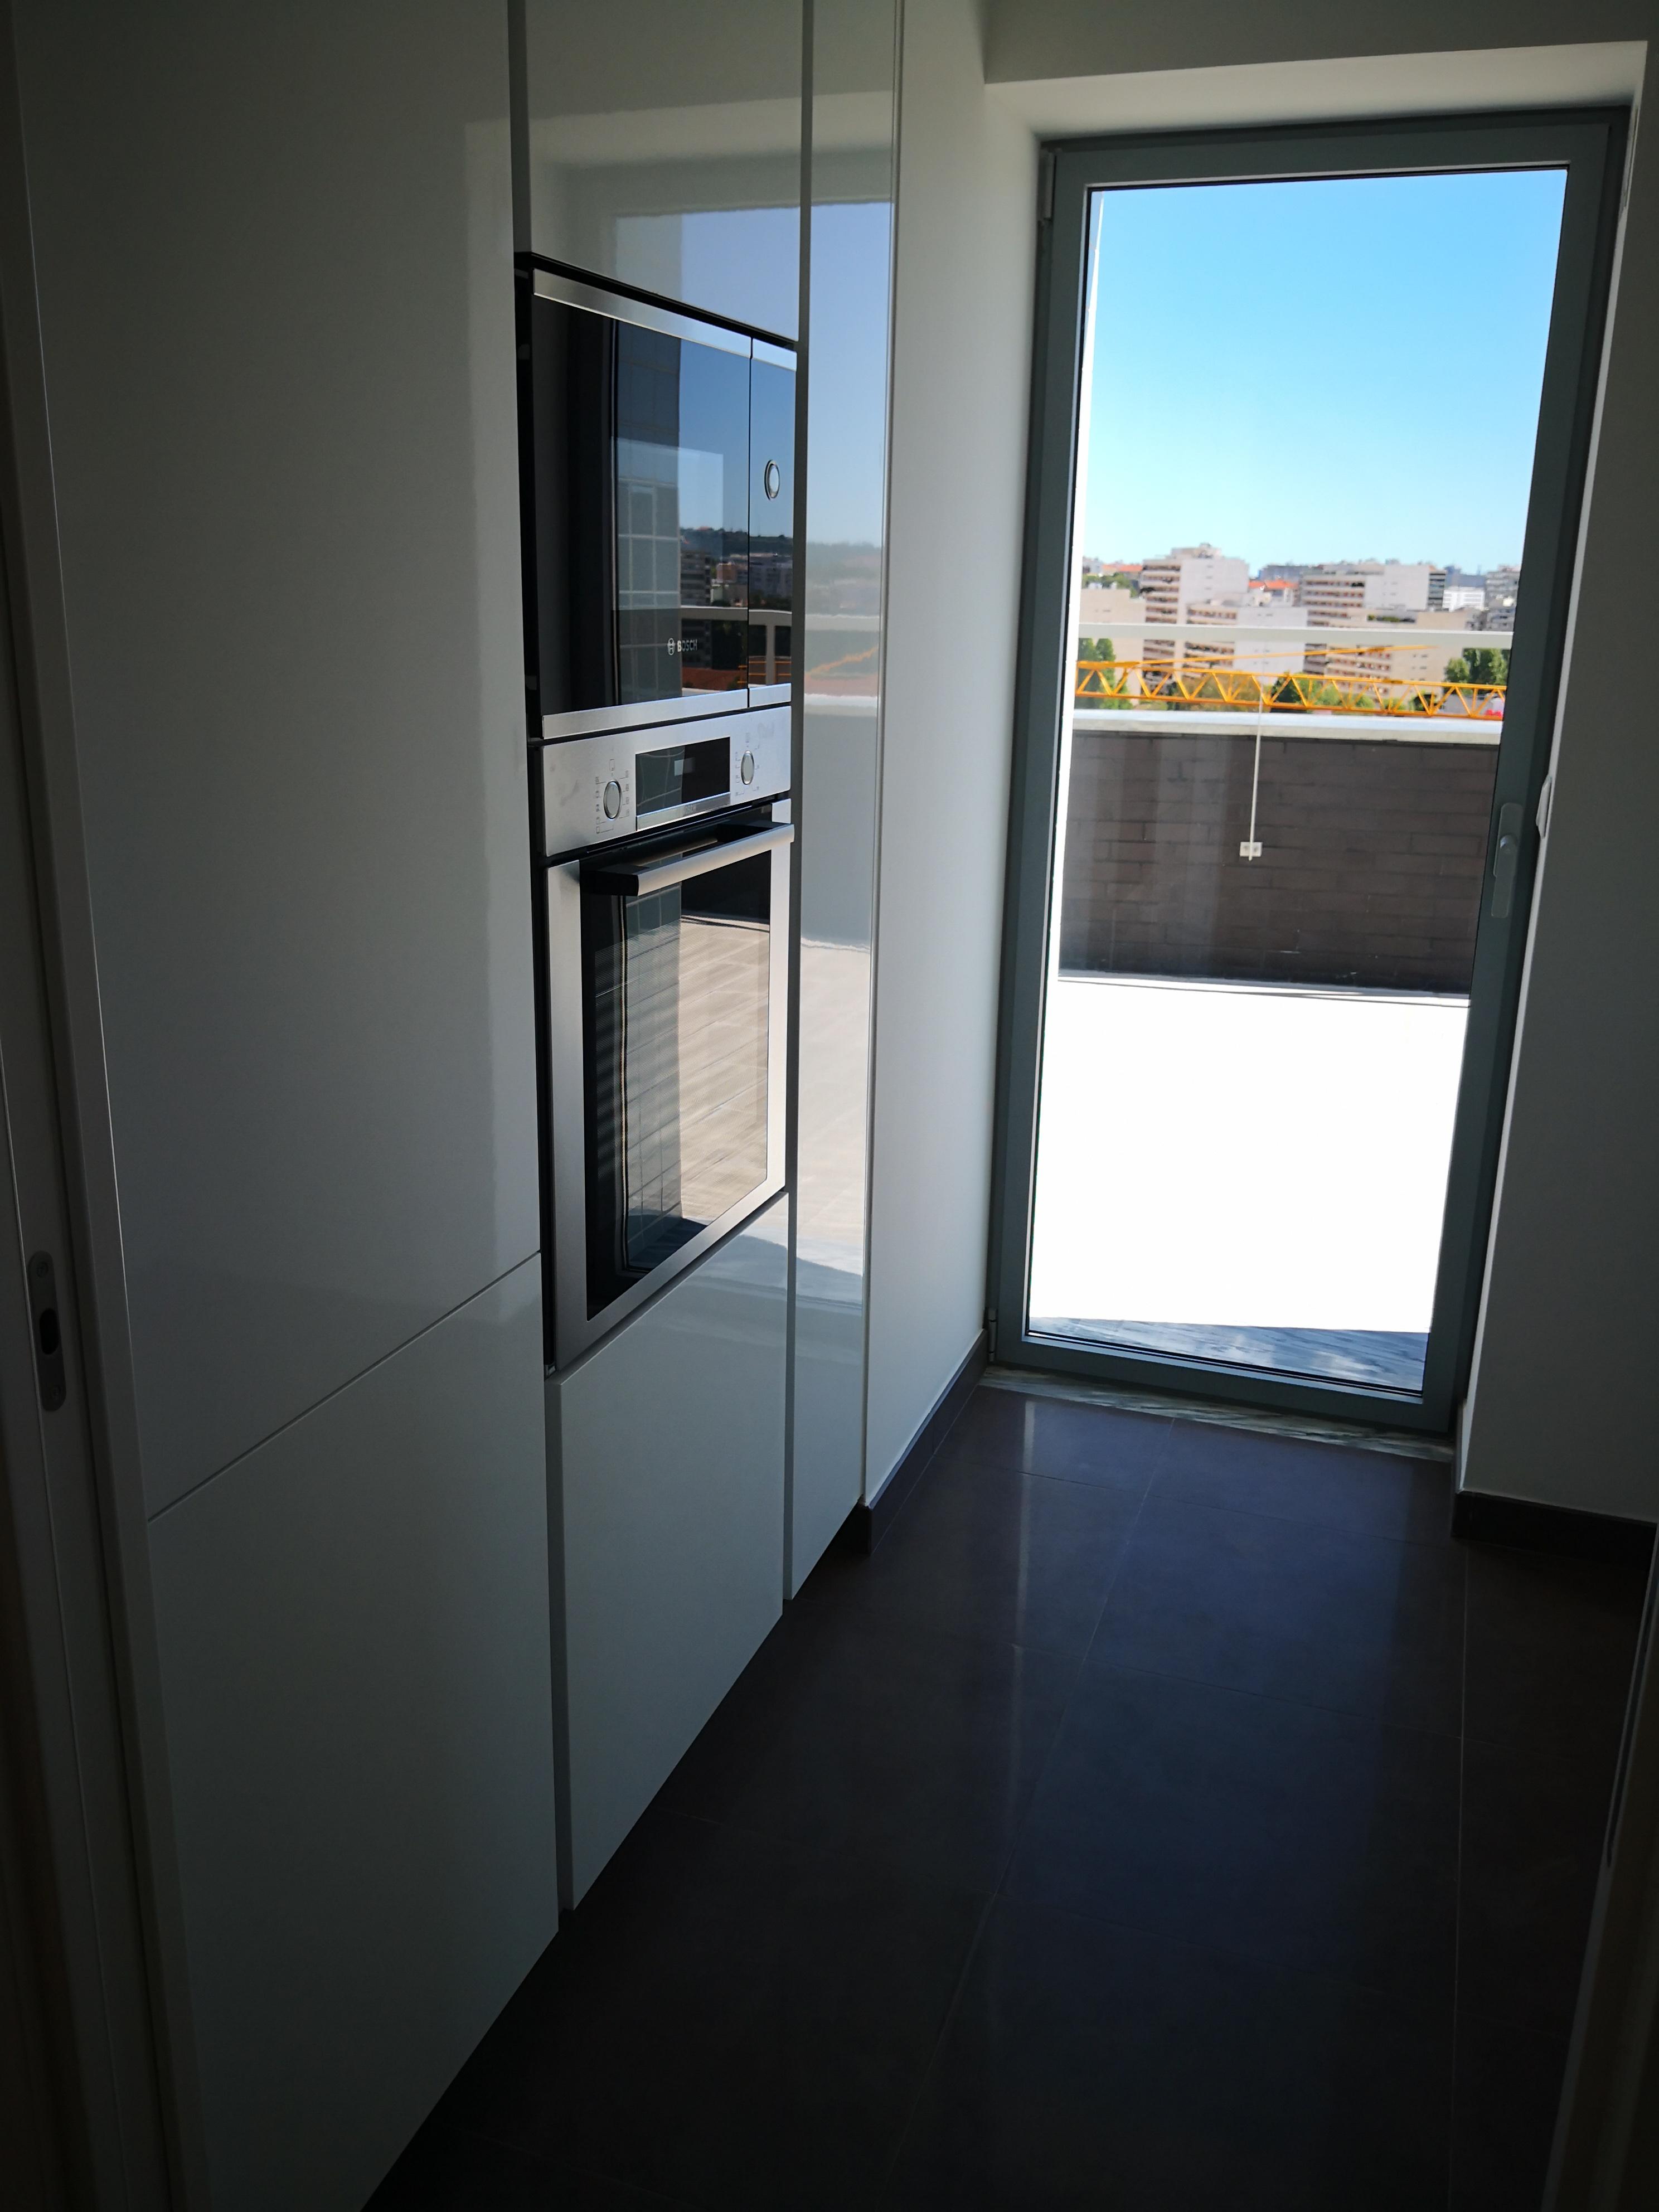 T2 Duplex com 145,05 m2 + Terraço com 69,70 m2 - Venda - Novo